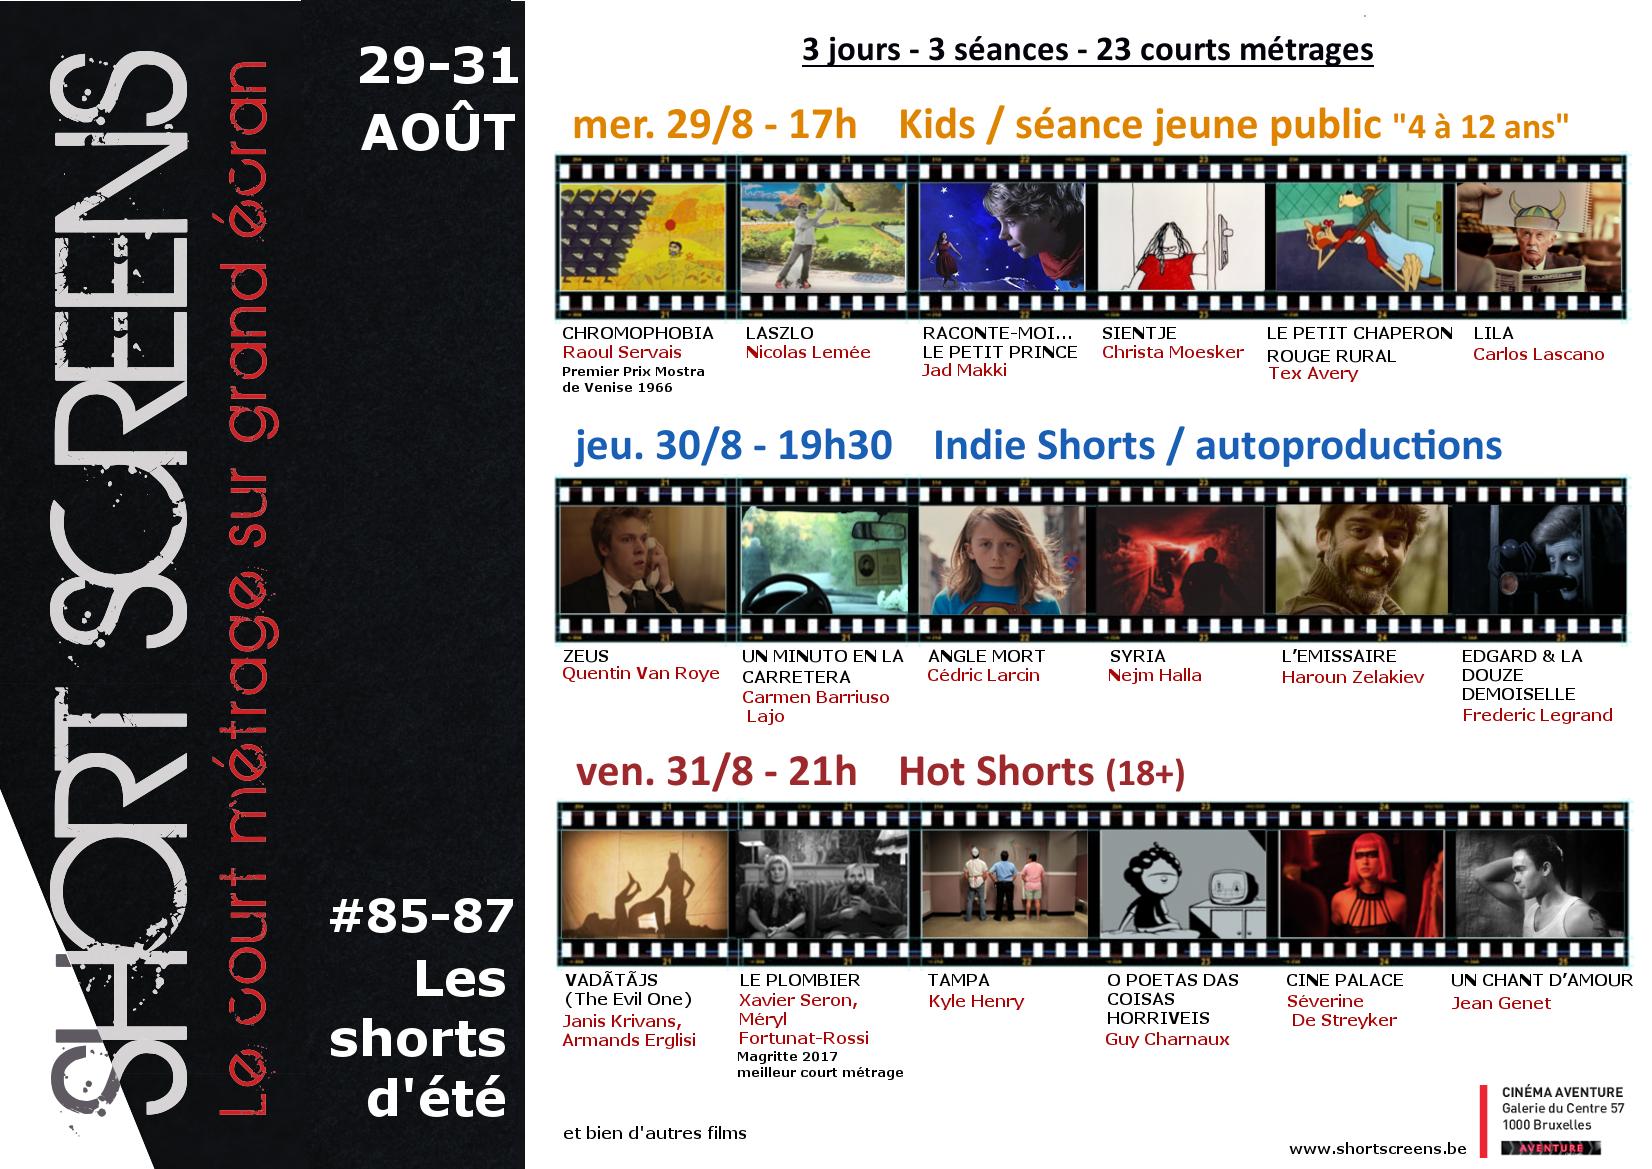 A3- 85-86-87 les shorts d'été